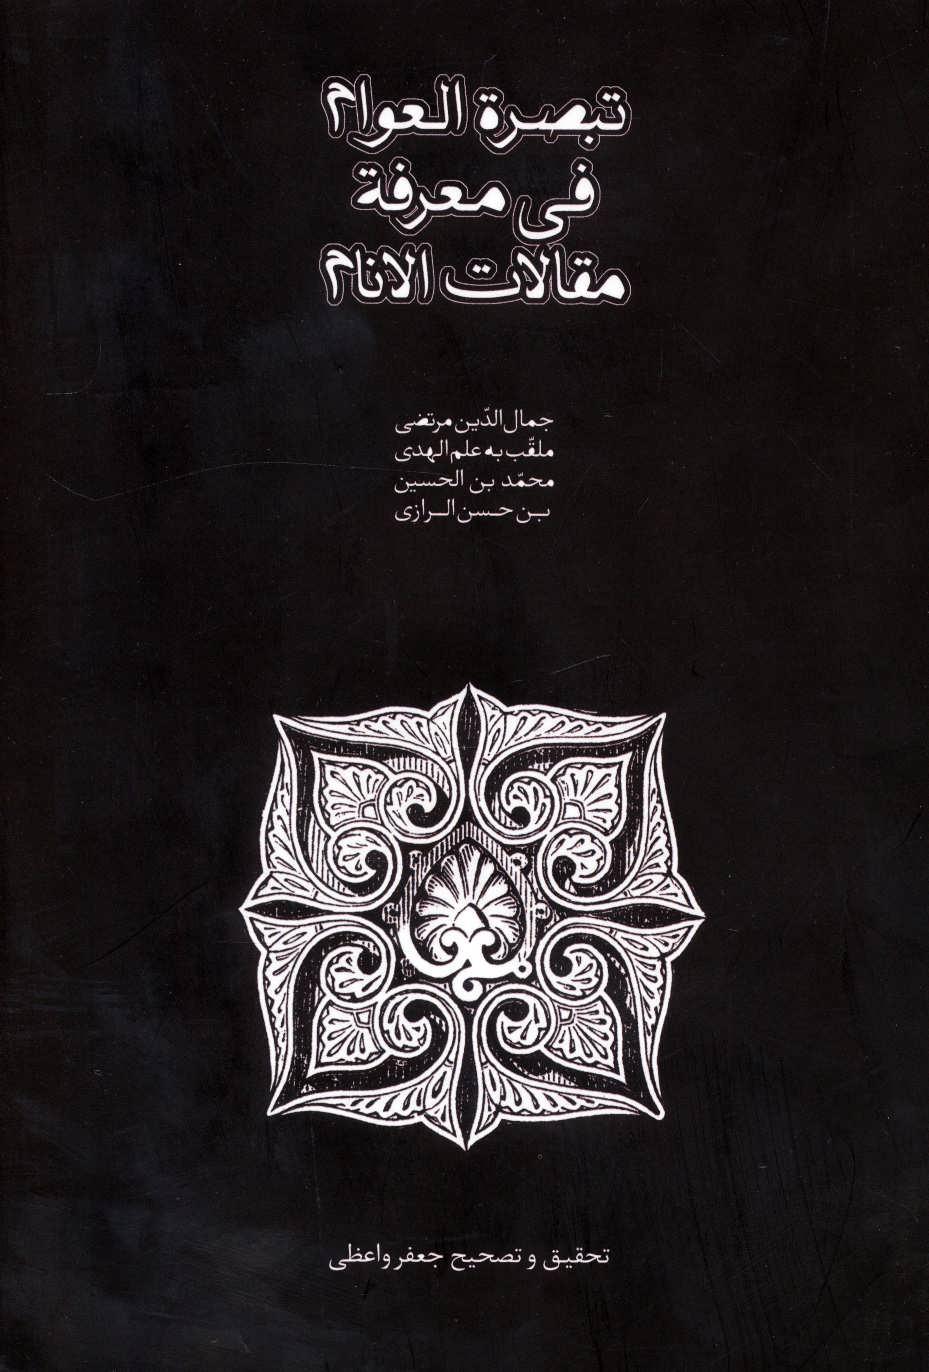 کتاب تبصره العوام فی معرفه مقالات الانام